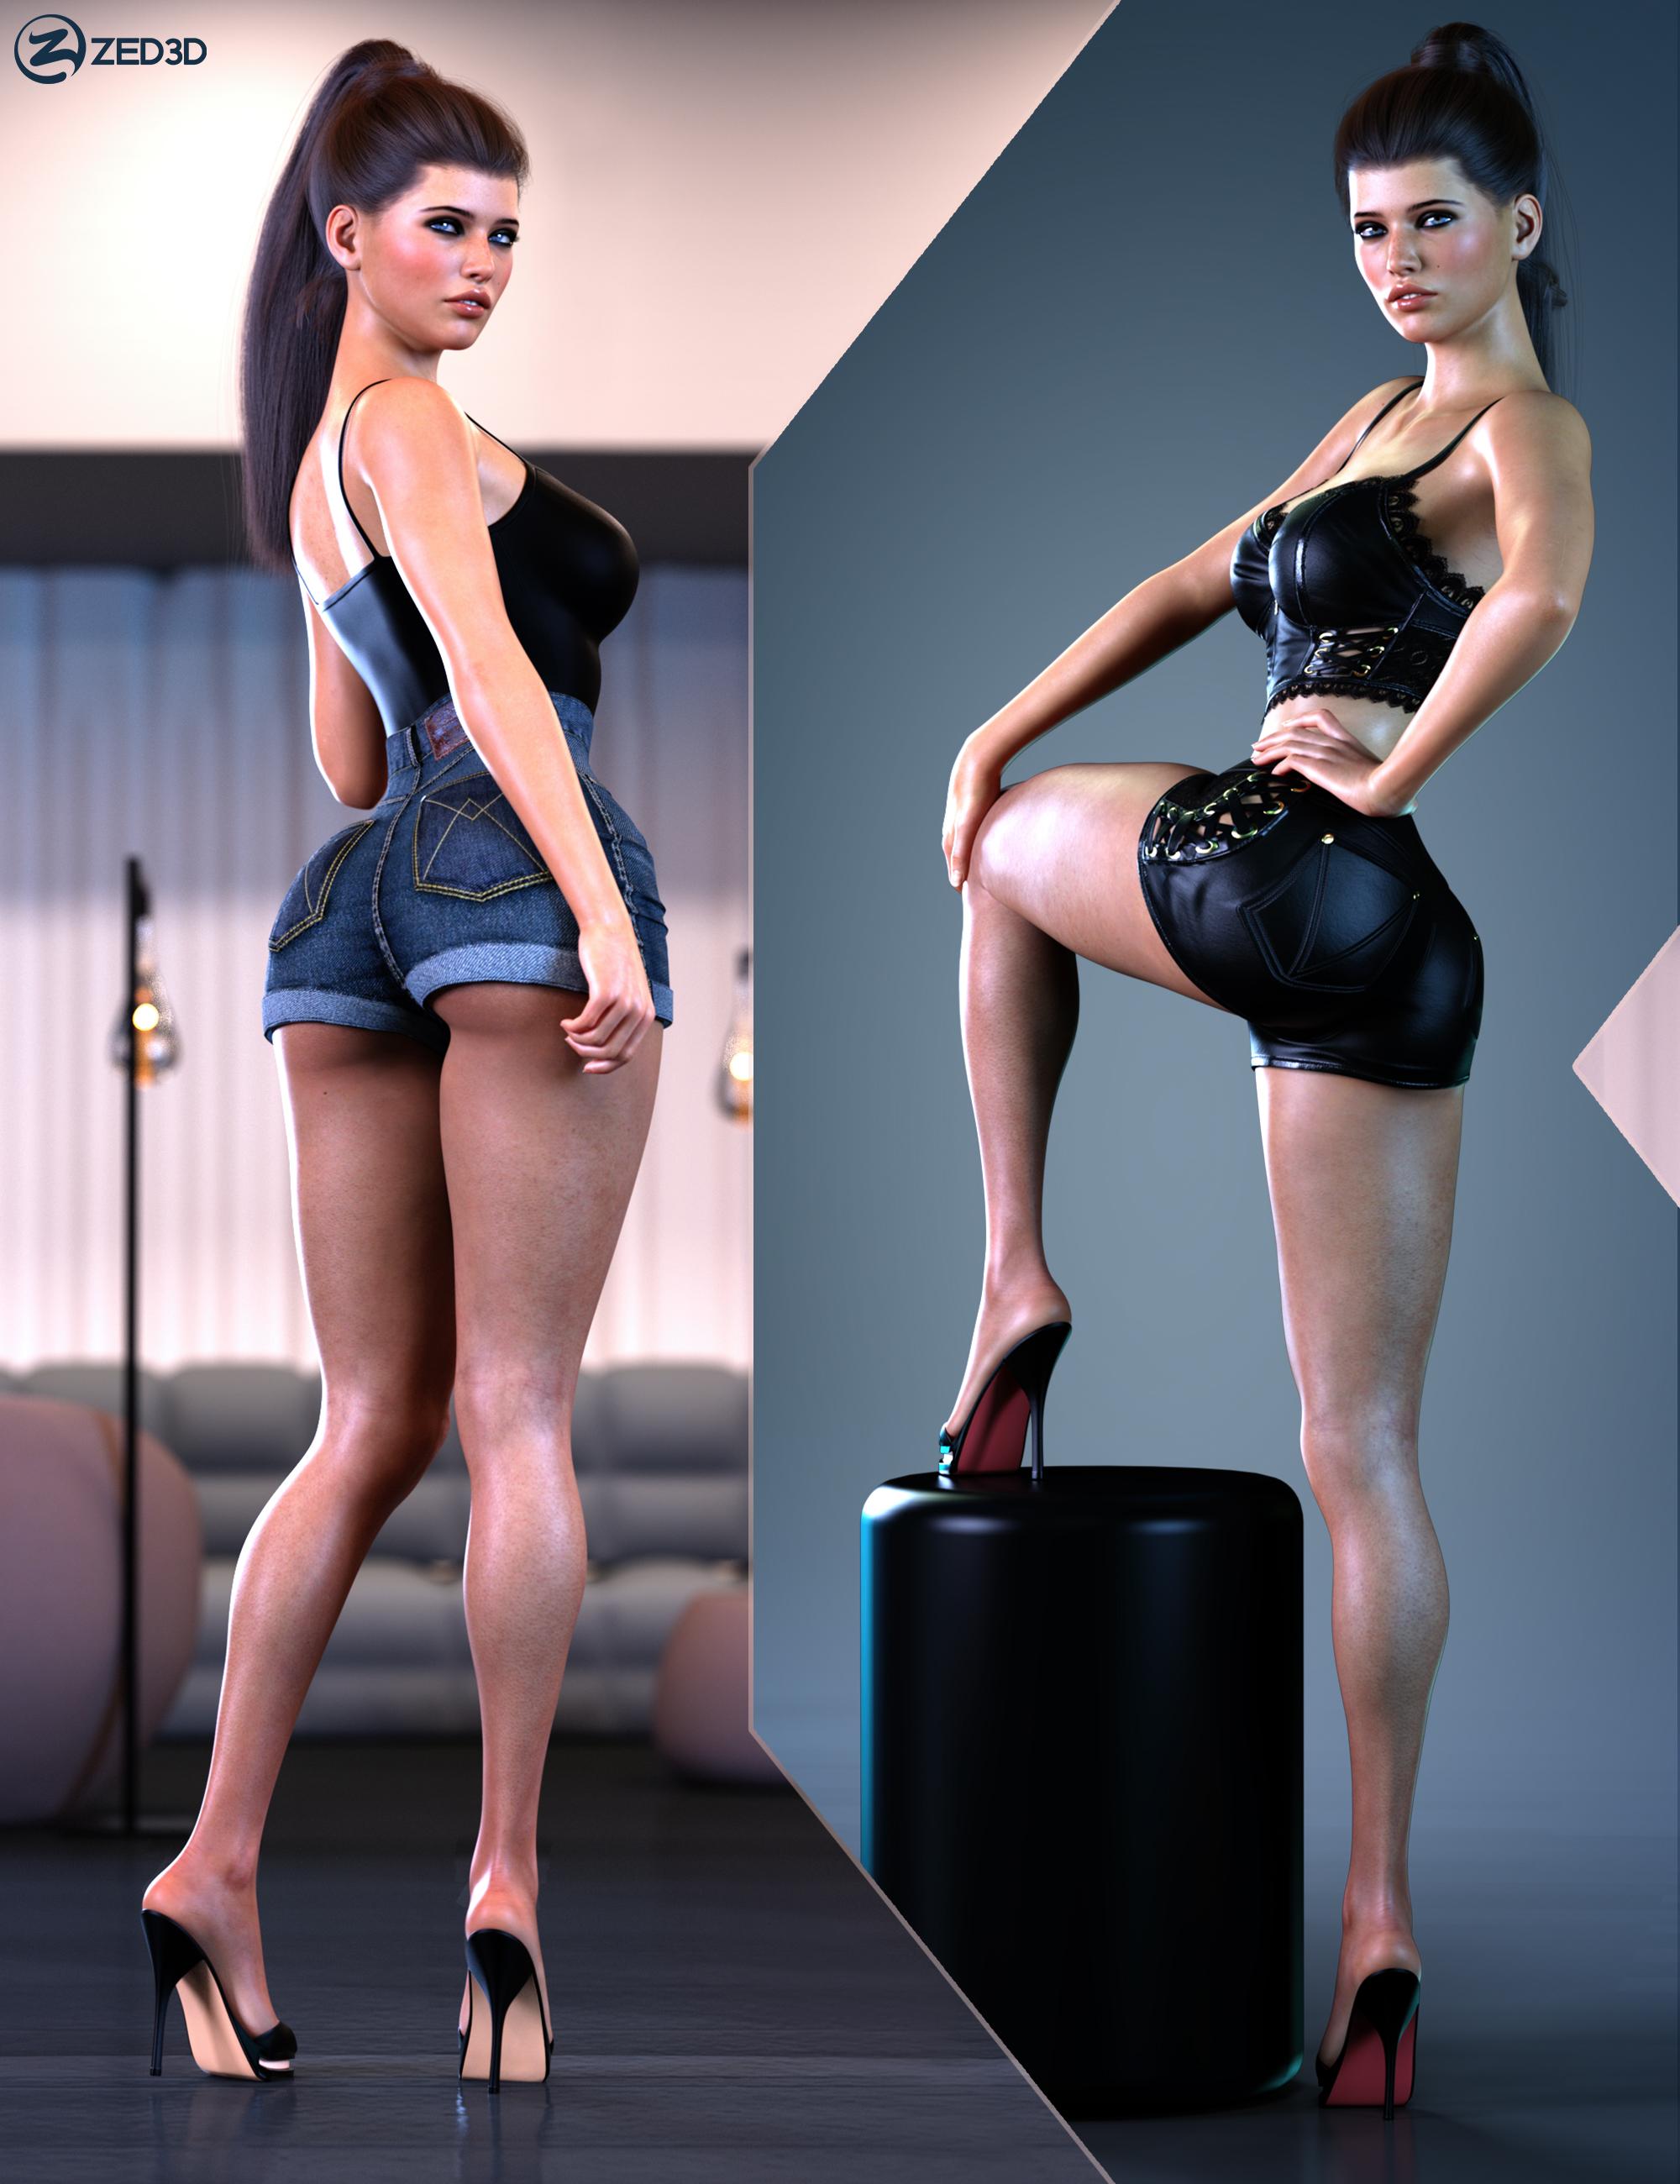 Z Glamorous Leg Shapes and Pose Mega Set by: Zeddicuss, 3D Models by Daz 3D